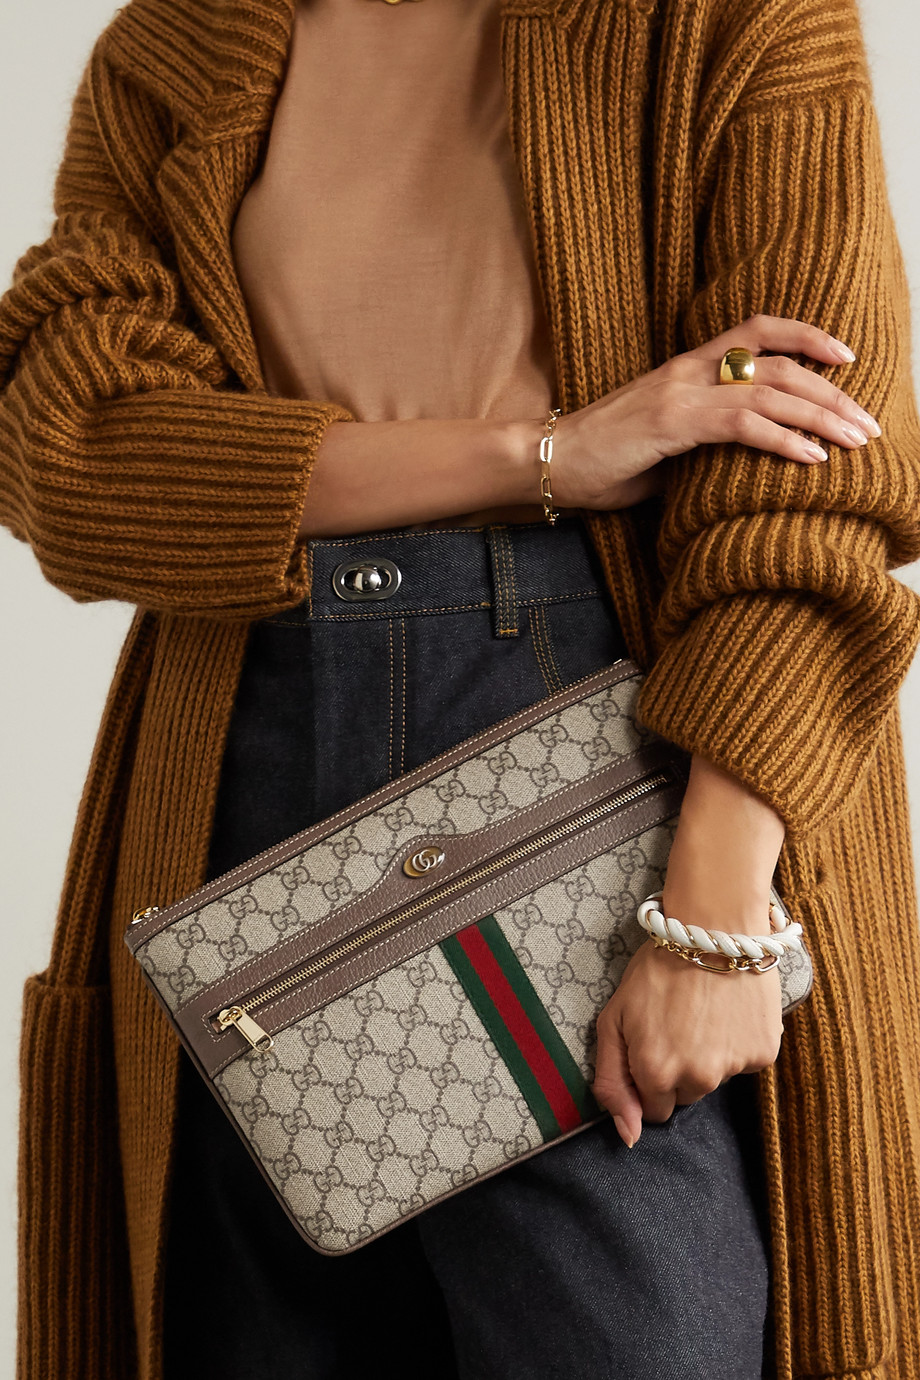 Gucci Ophidia mittelgroßer Beutel aus beschichtetem Canvas mit Besätzen aus strukturiertem Leder